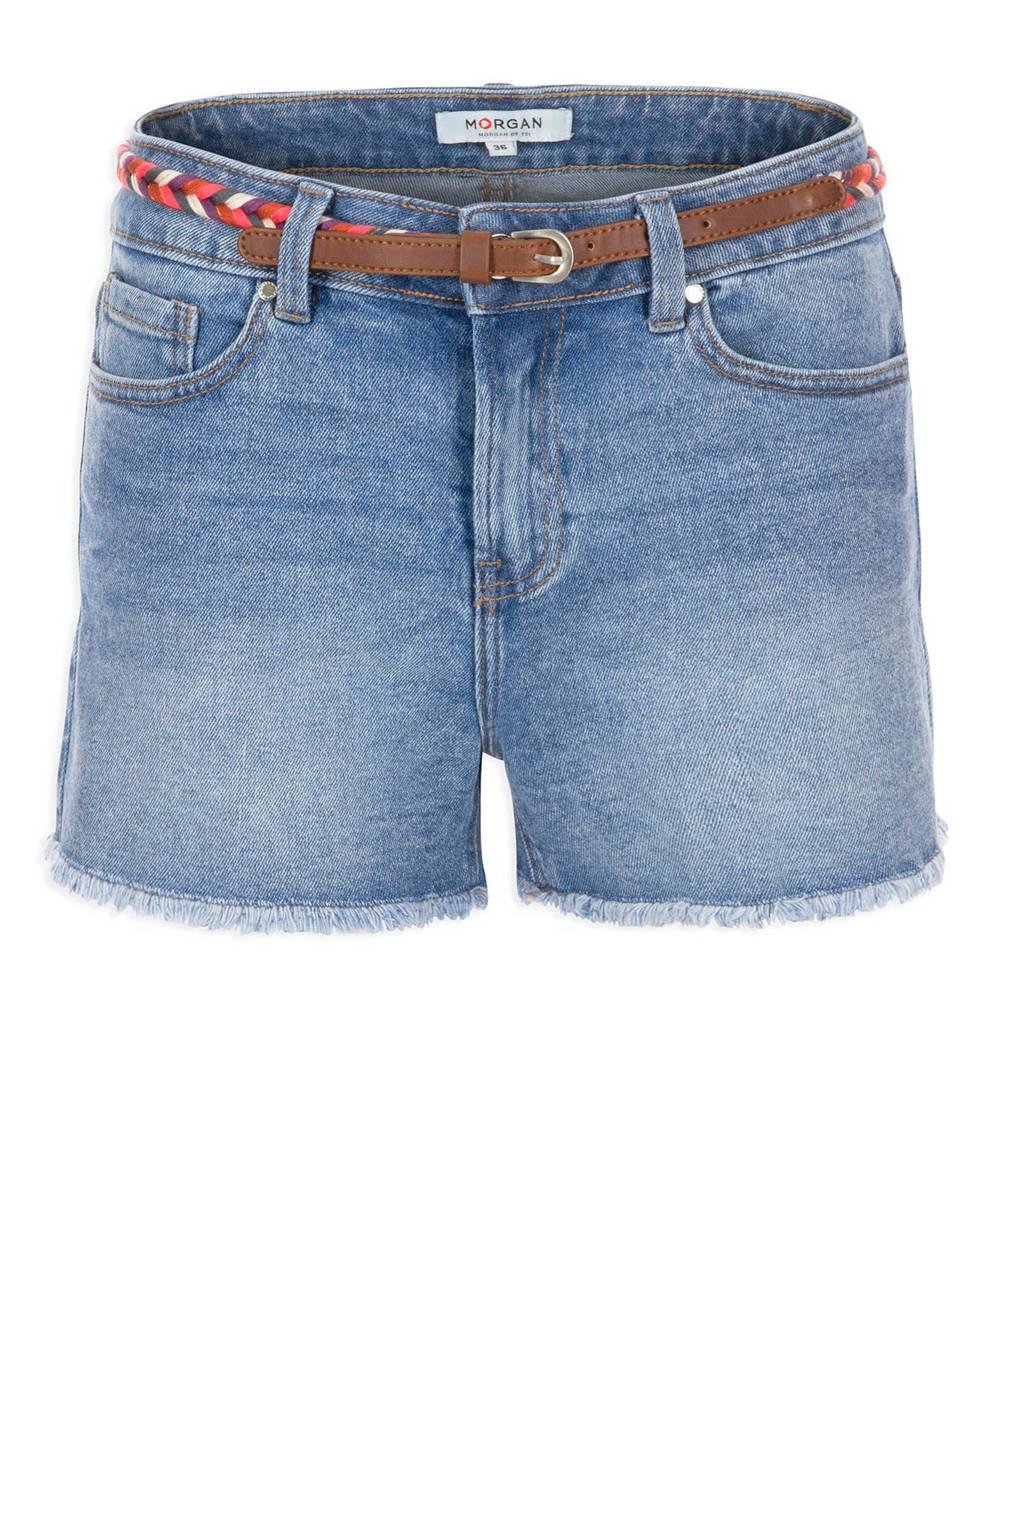 Morgan regular fit jeans short, Stonewashed